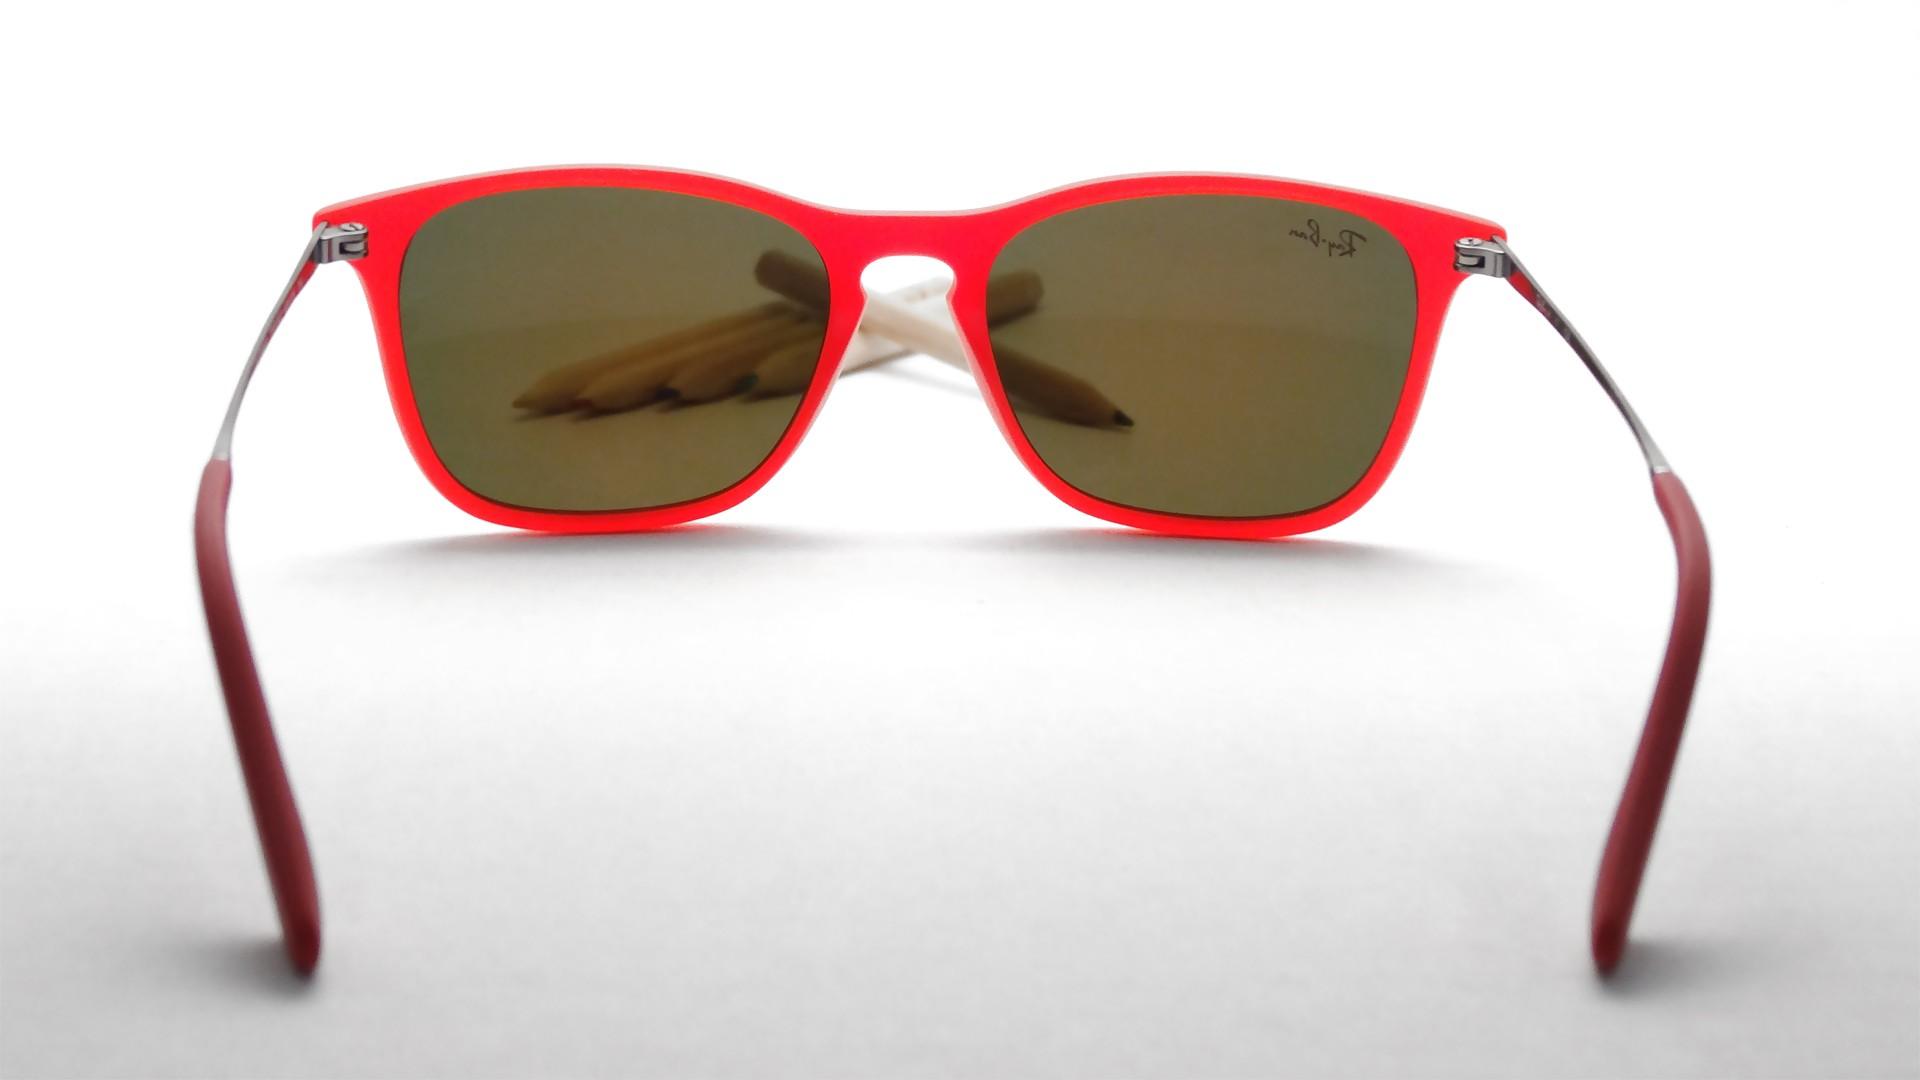 99d1ee7ba57b96 Lunettes de soleil Ray-Ban Chris Rouge RJ9061S 7010 6Q 49-15 Junior Enfant  Miroirs